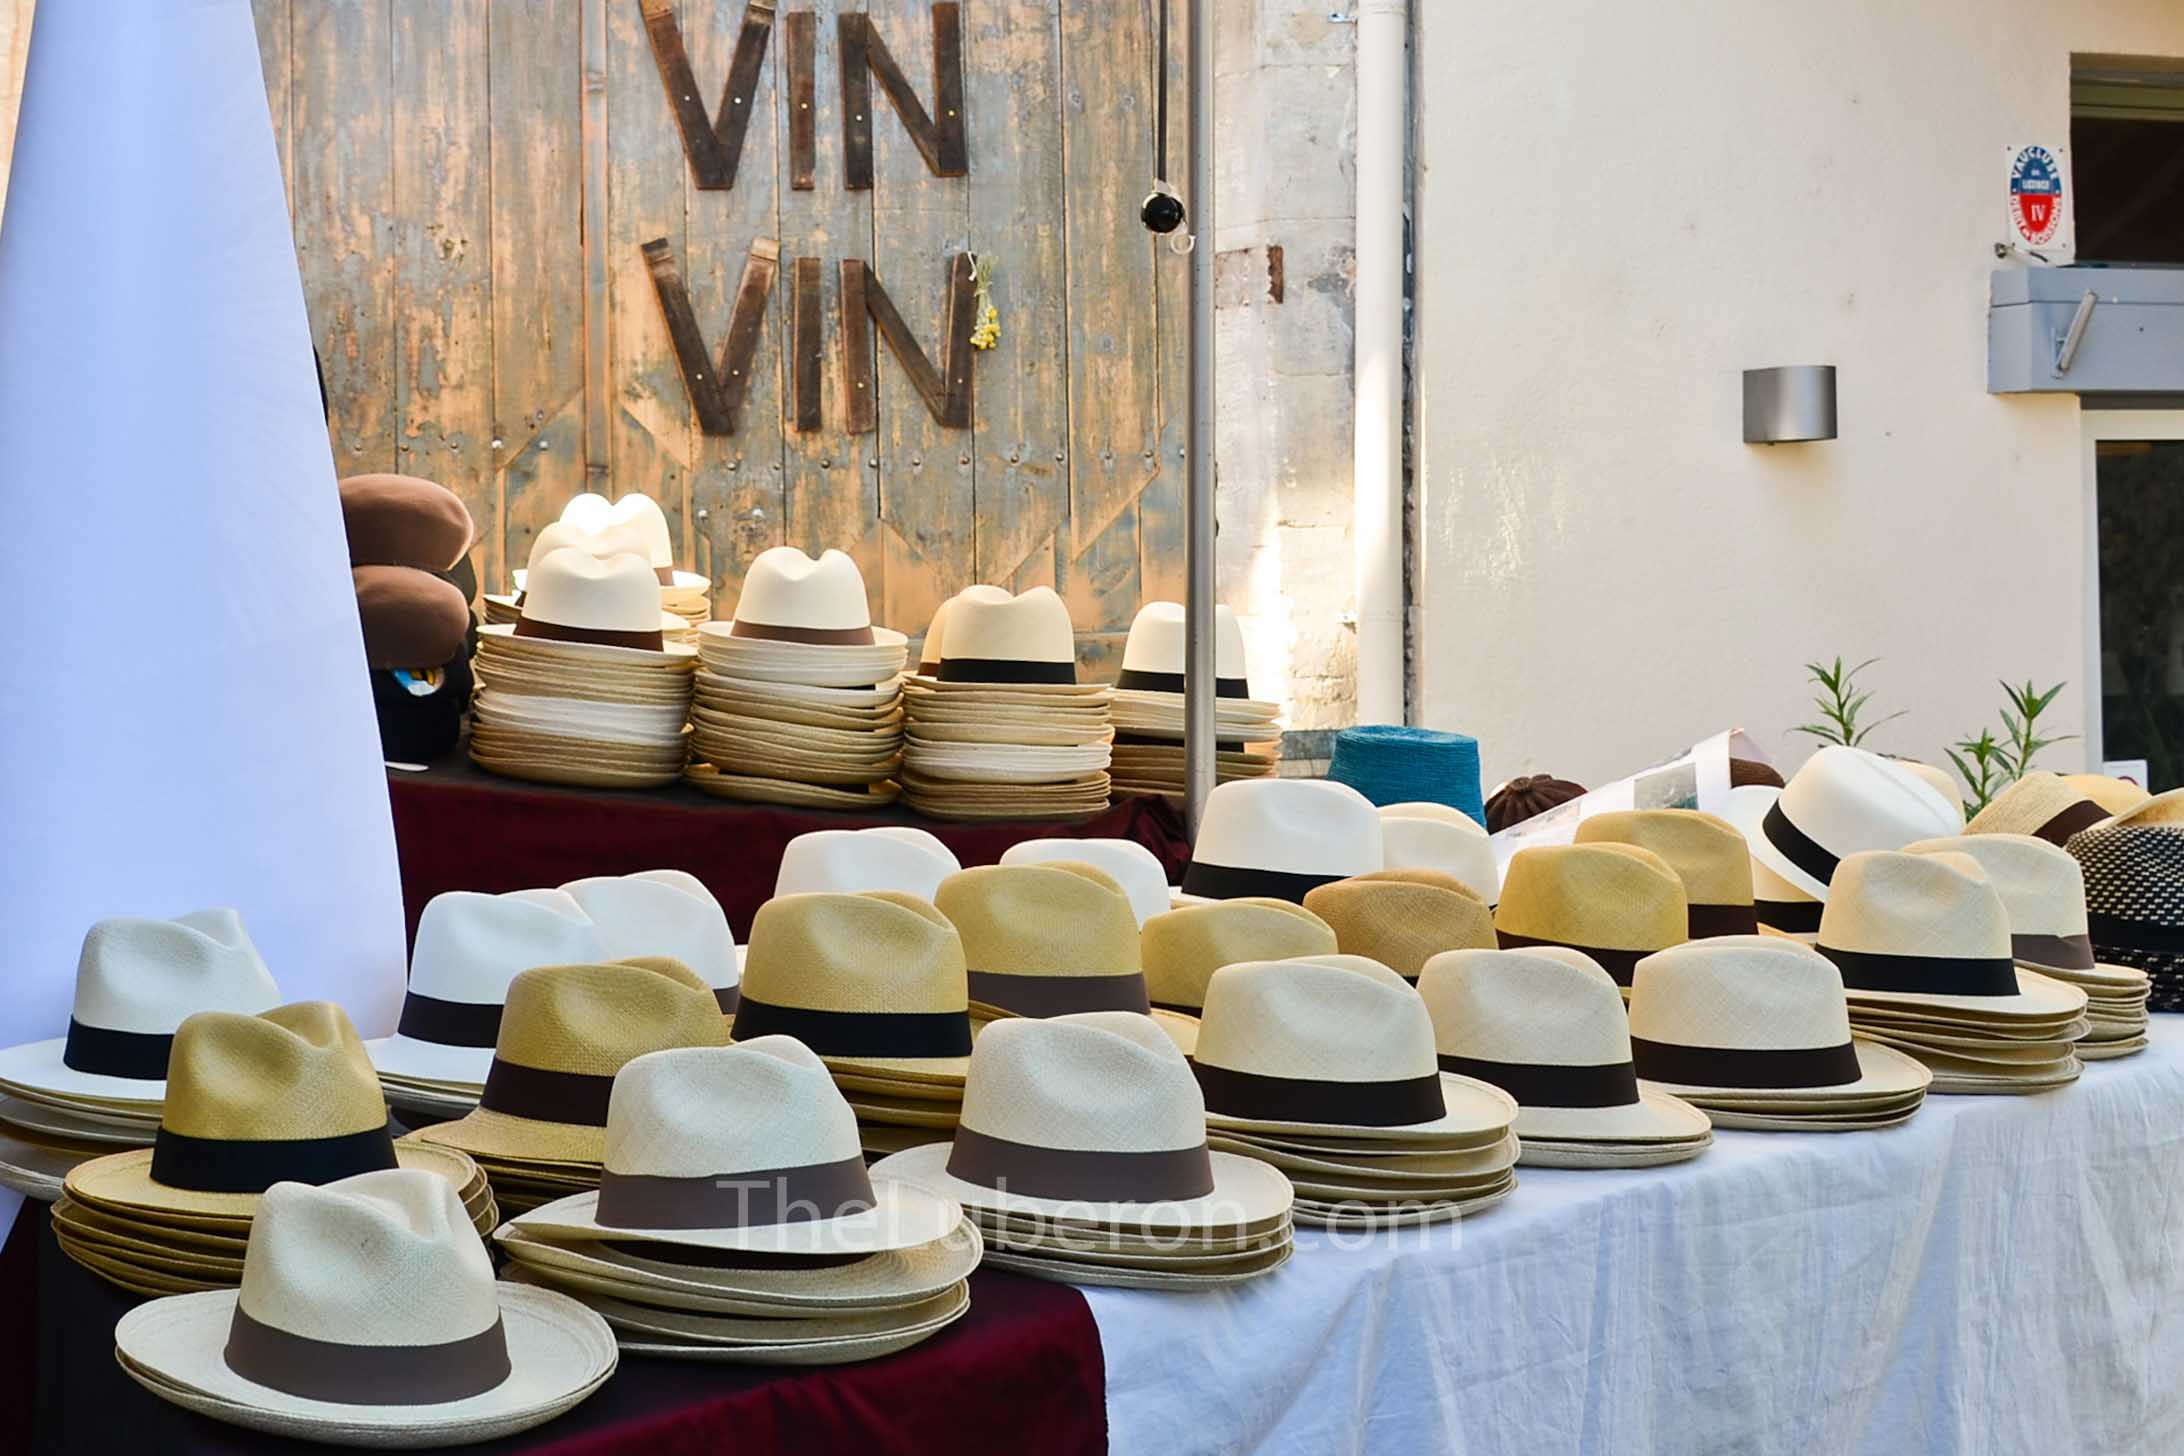 Hats for sale at Bonnieux market